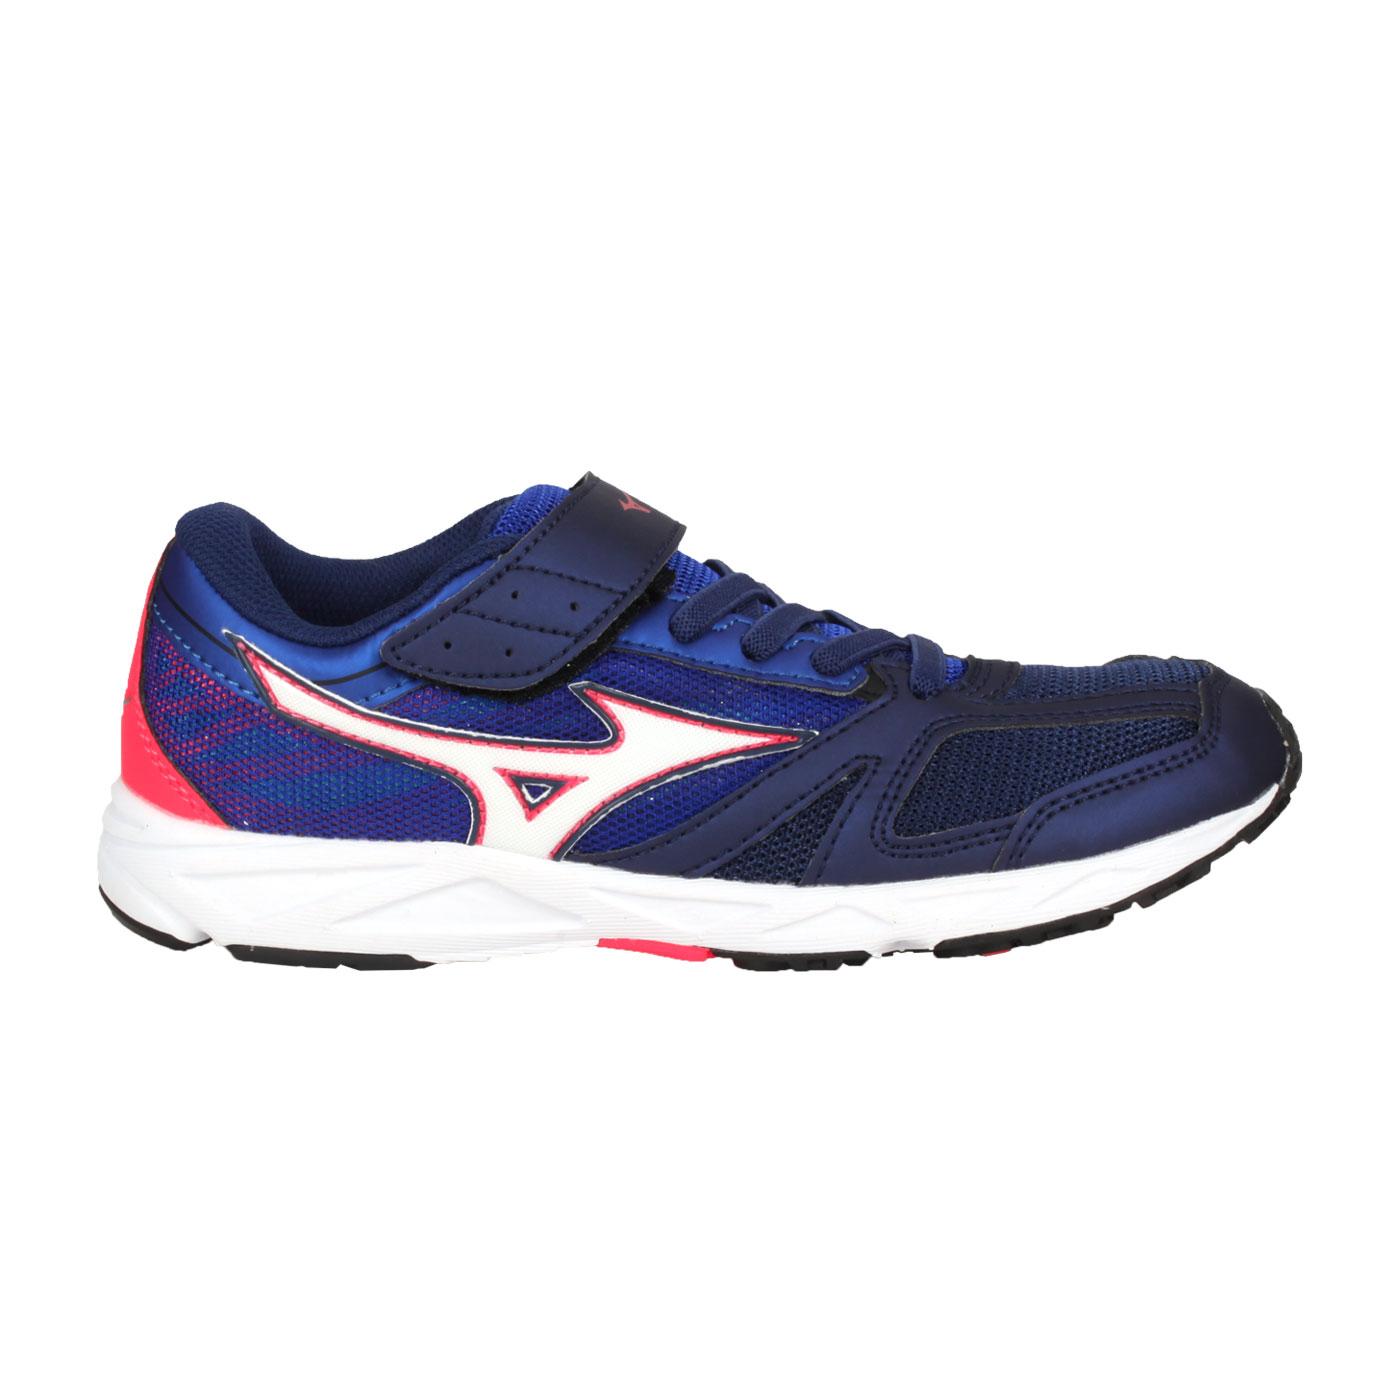 MIZUNO 大童運動鞋  @SPEED STUDS BELT@K1GC194014 - 深藍白粉